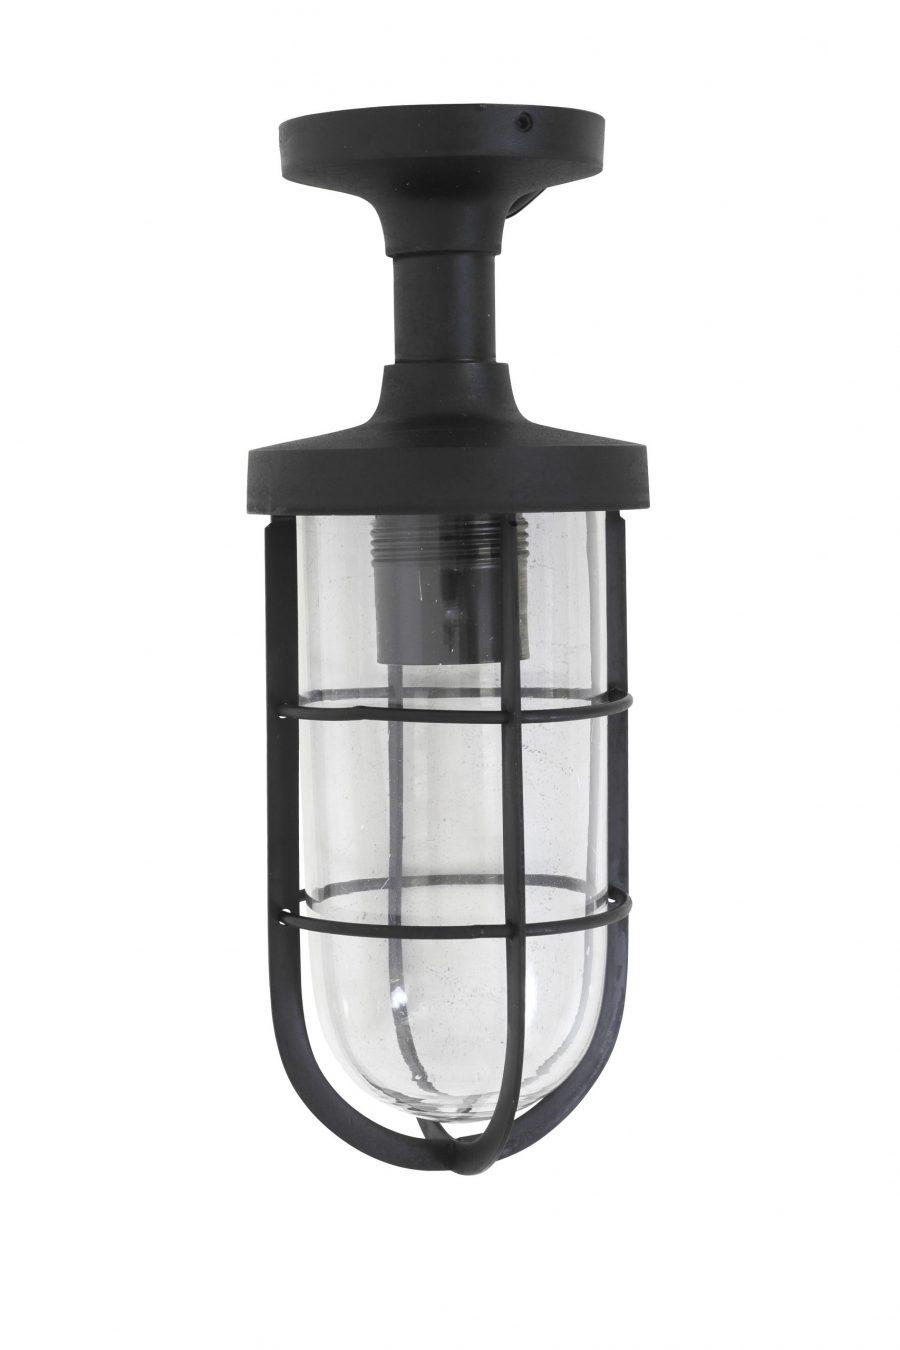 Town plafondlamp zwart tuinextra buitenverlichting